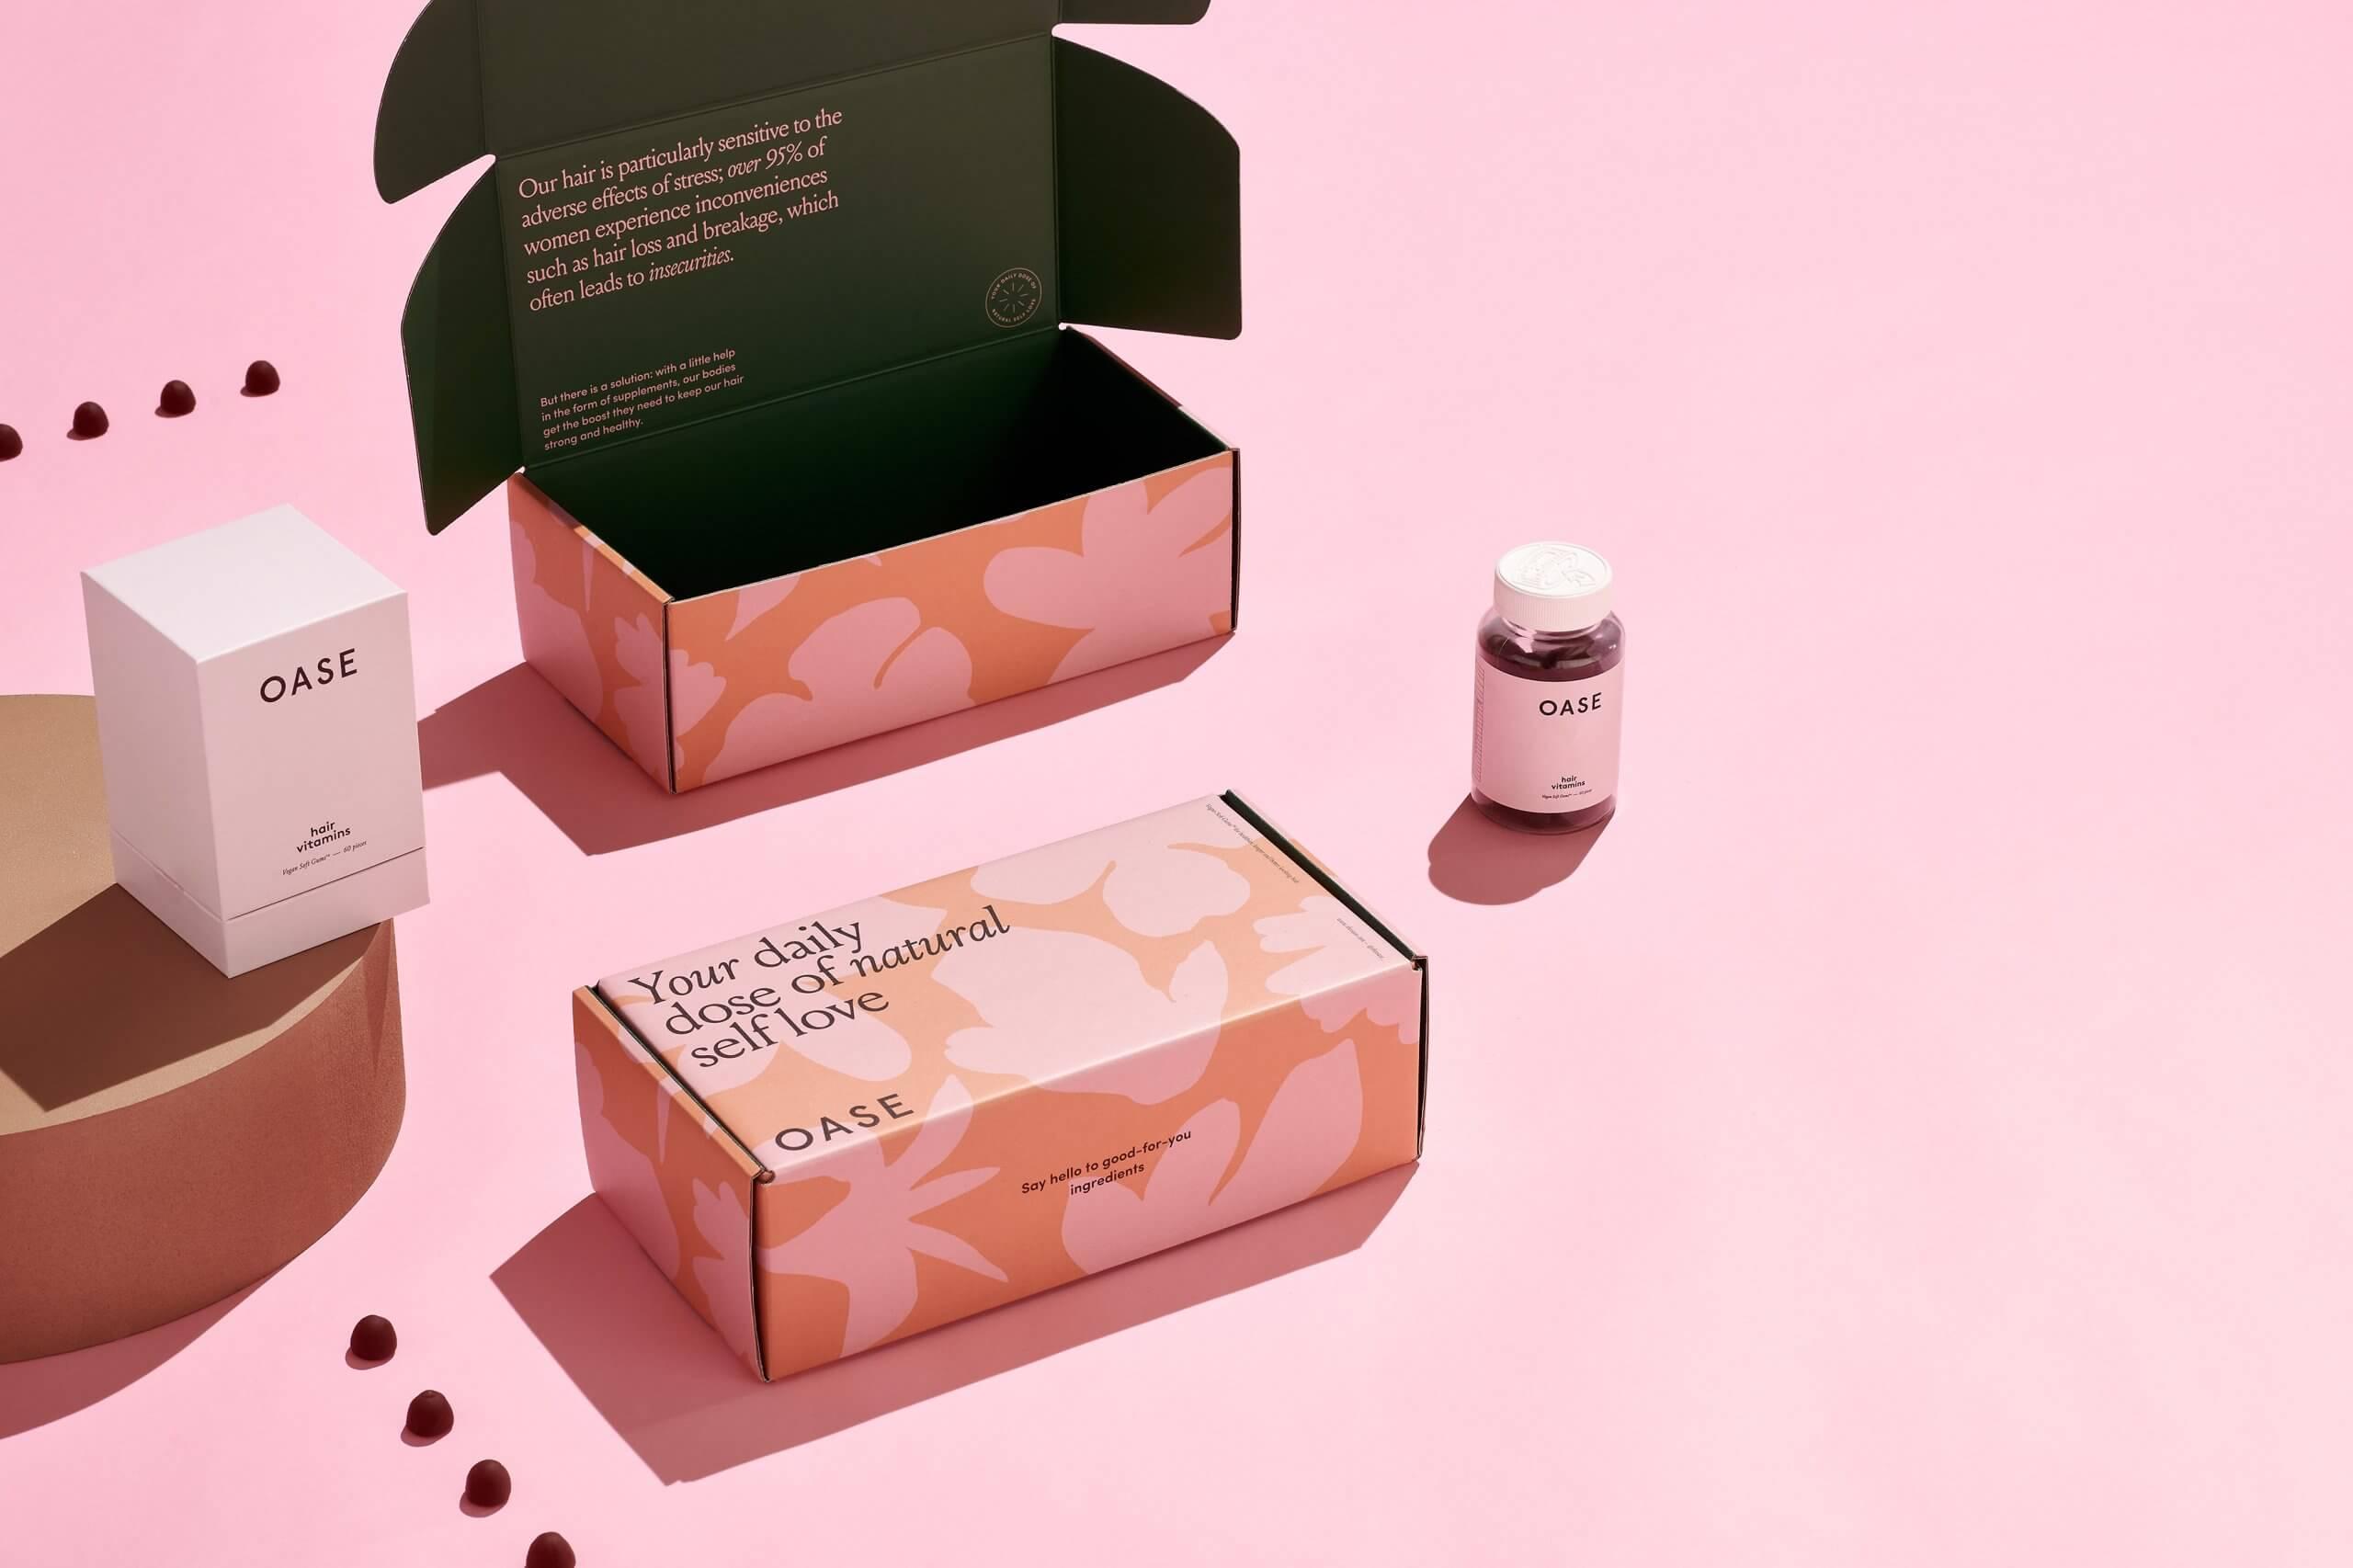 Oase customised packaging - Packhelp